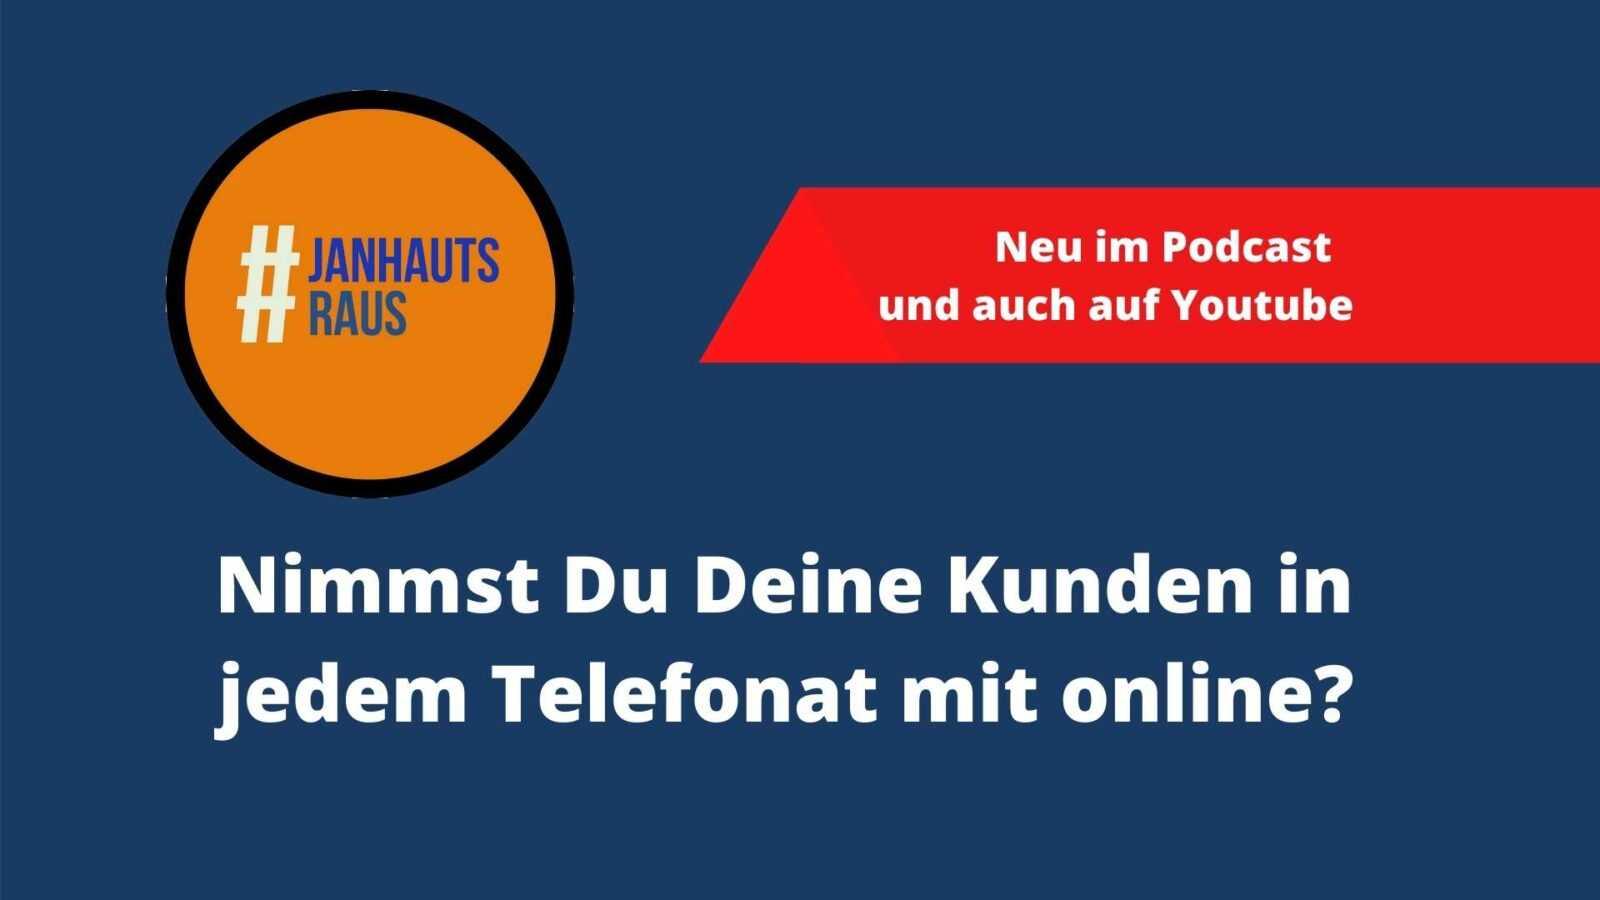 #janhautsraus - Nimmst Du Deine Kunden in jedem Telefonat mit online?